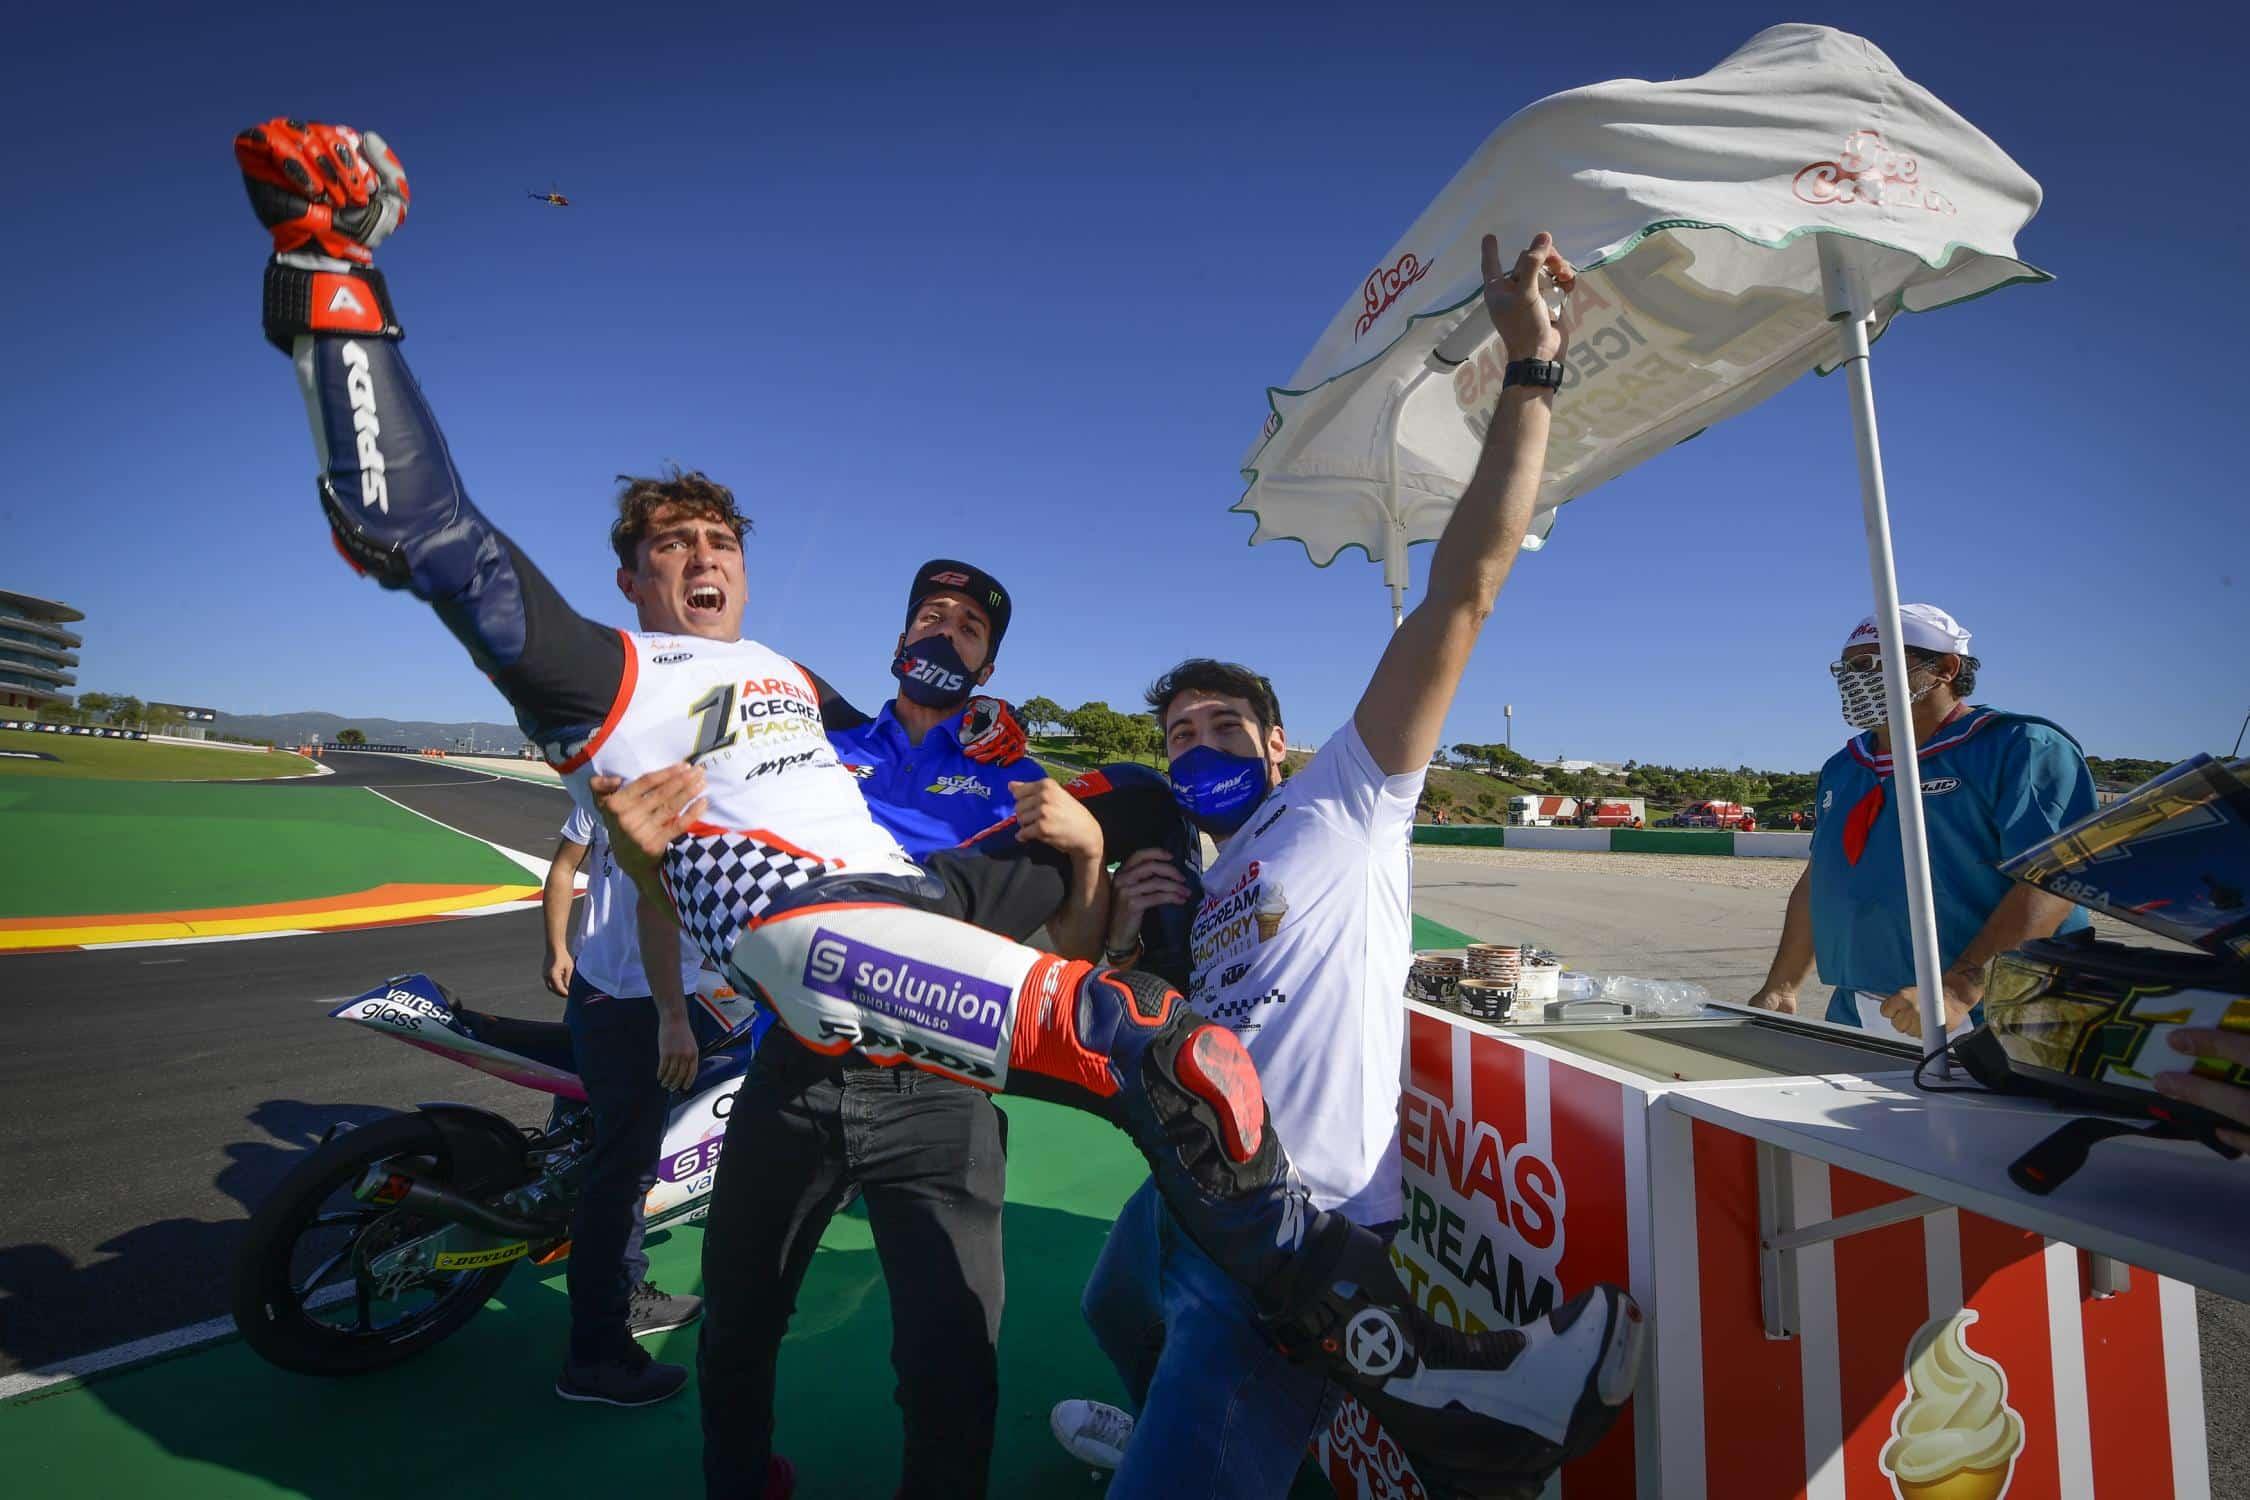 Gara Moto3 GP Portogallo 2020, il mondiale è di Arenas